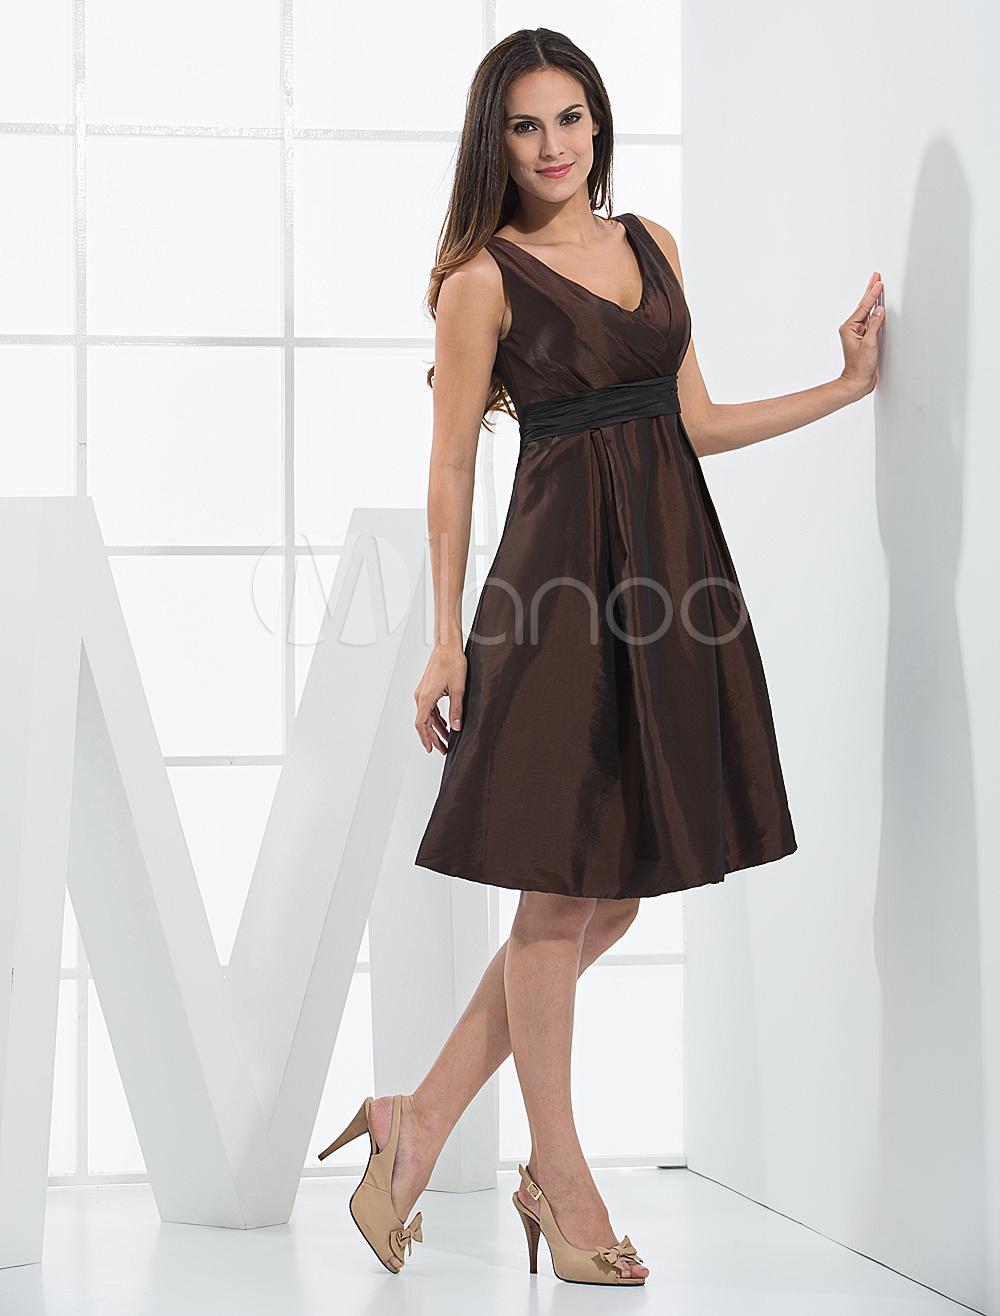 Robes sexy - Luxueuse robe de soiréé de maternité marron au col-V faite en taffetas